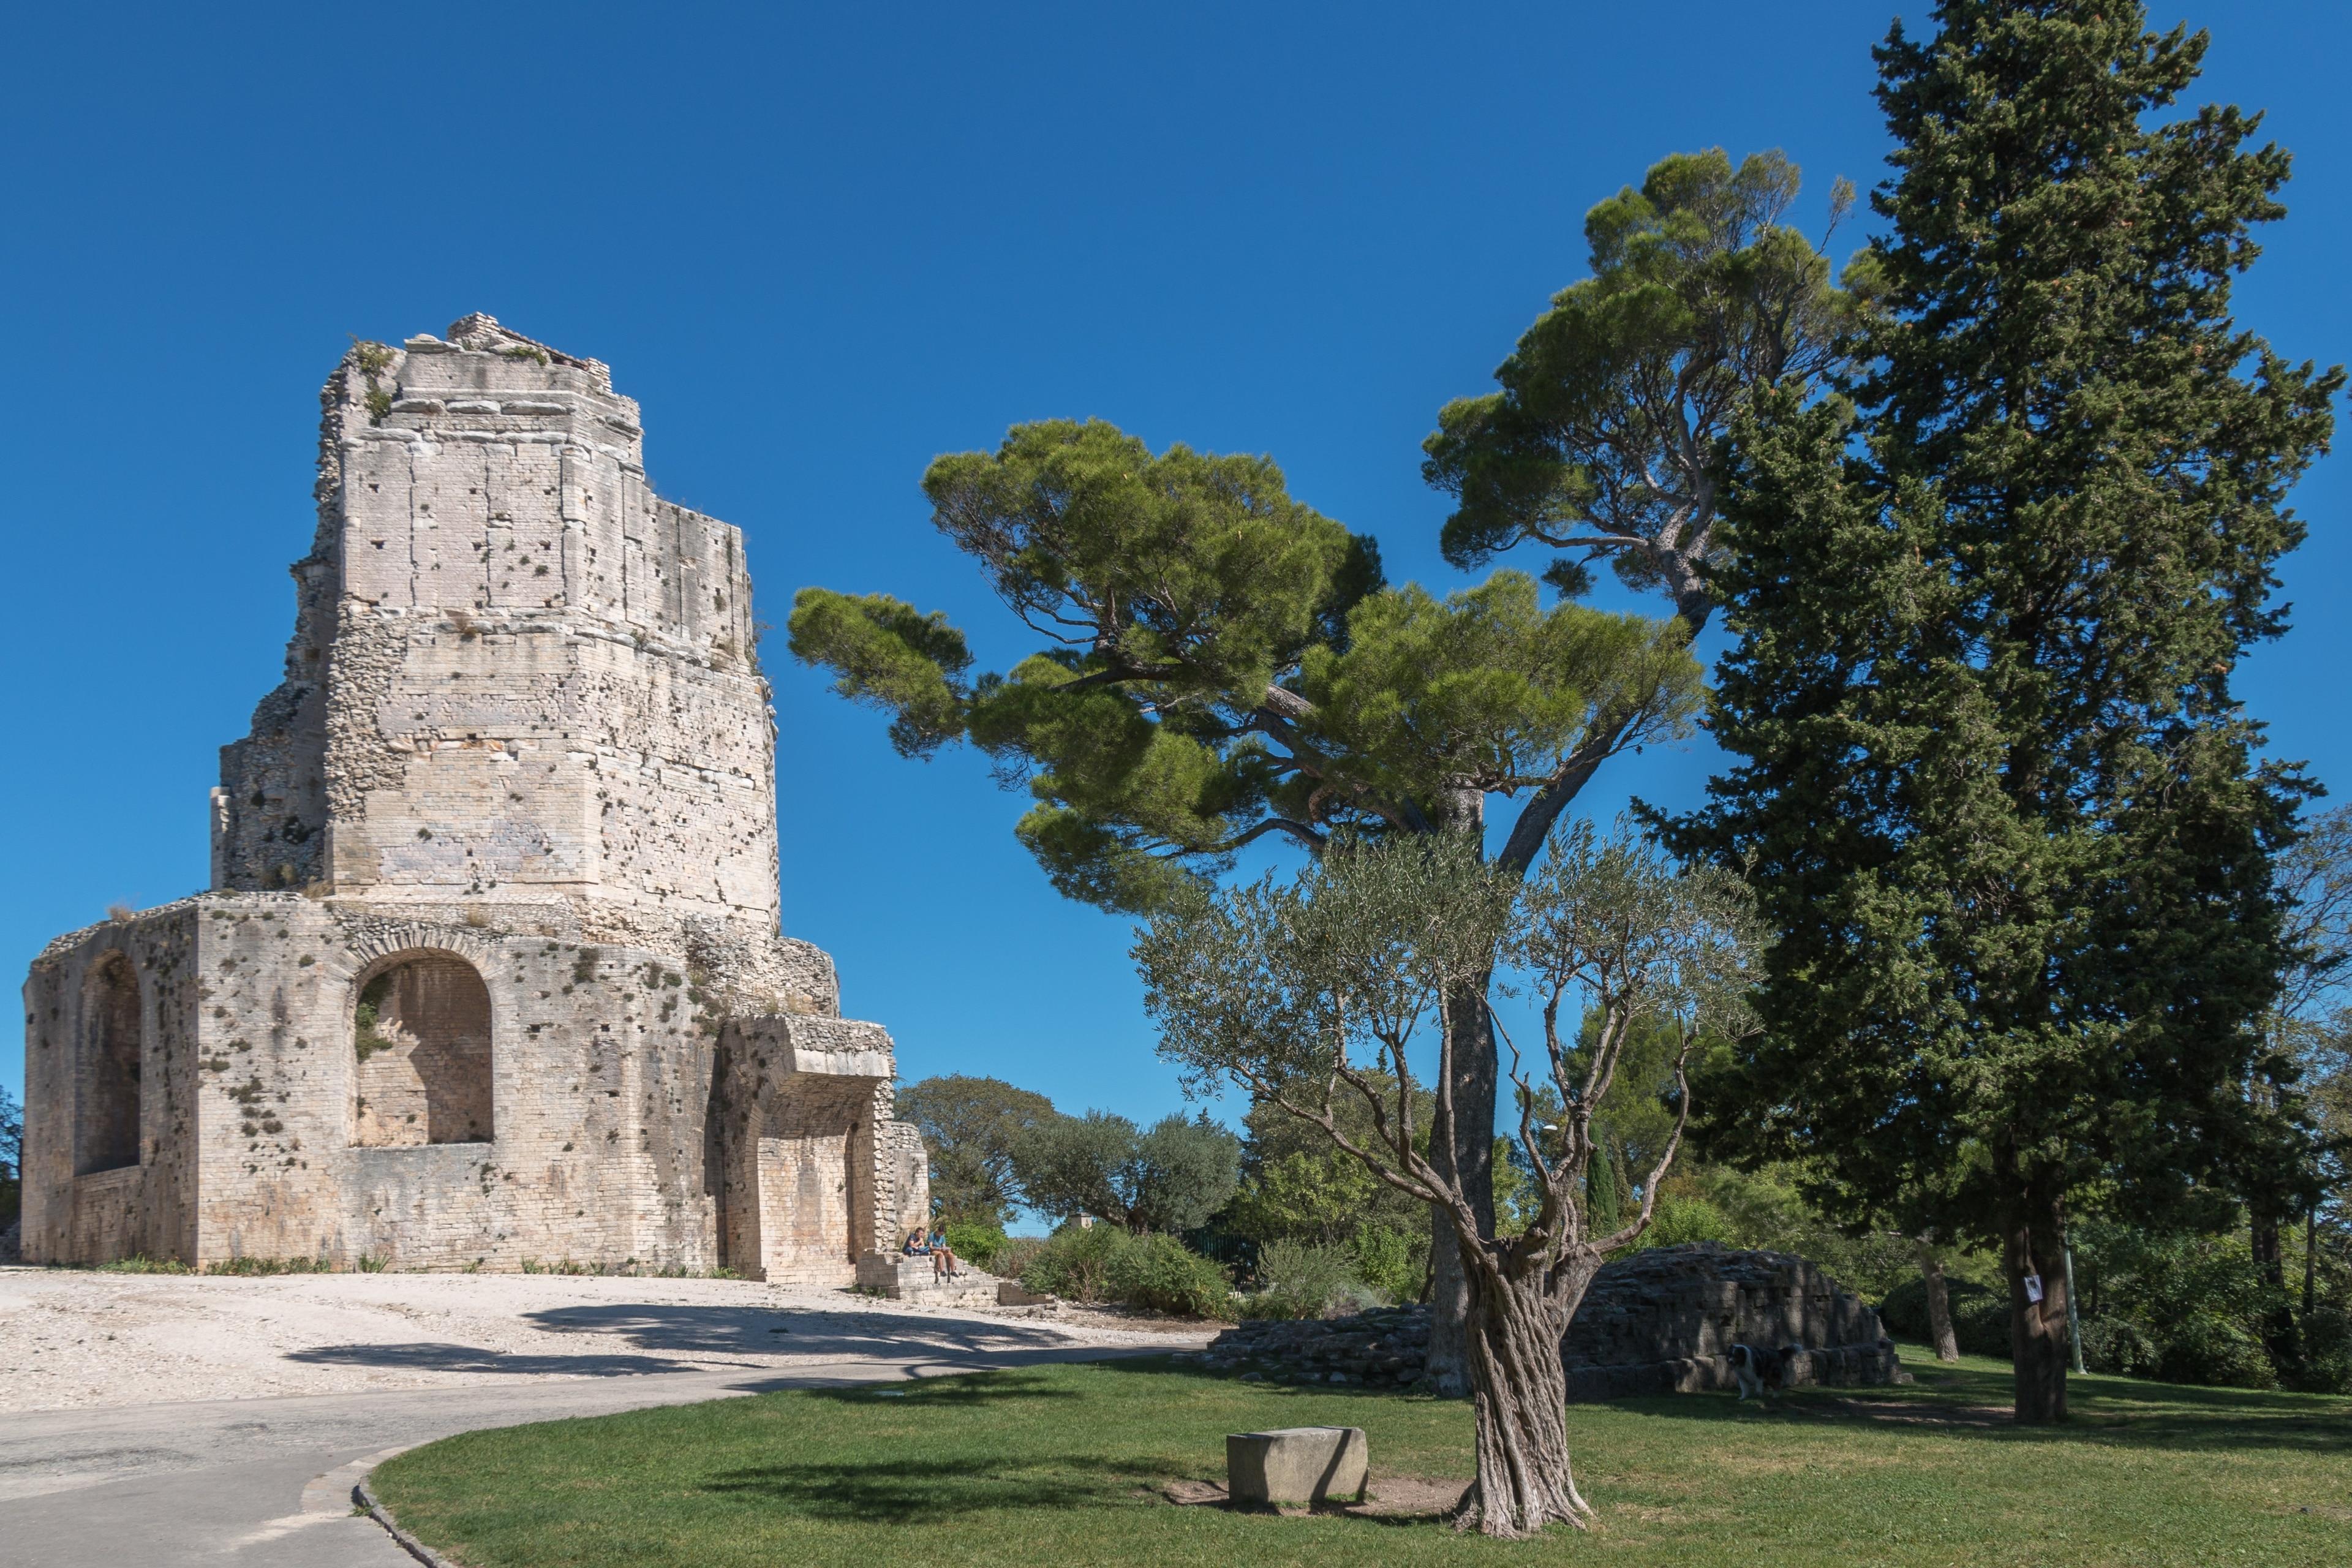 Cadereau, Nîmes, Gard, France